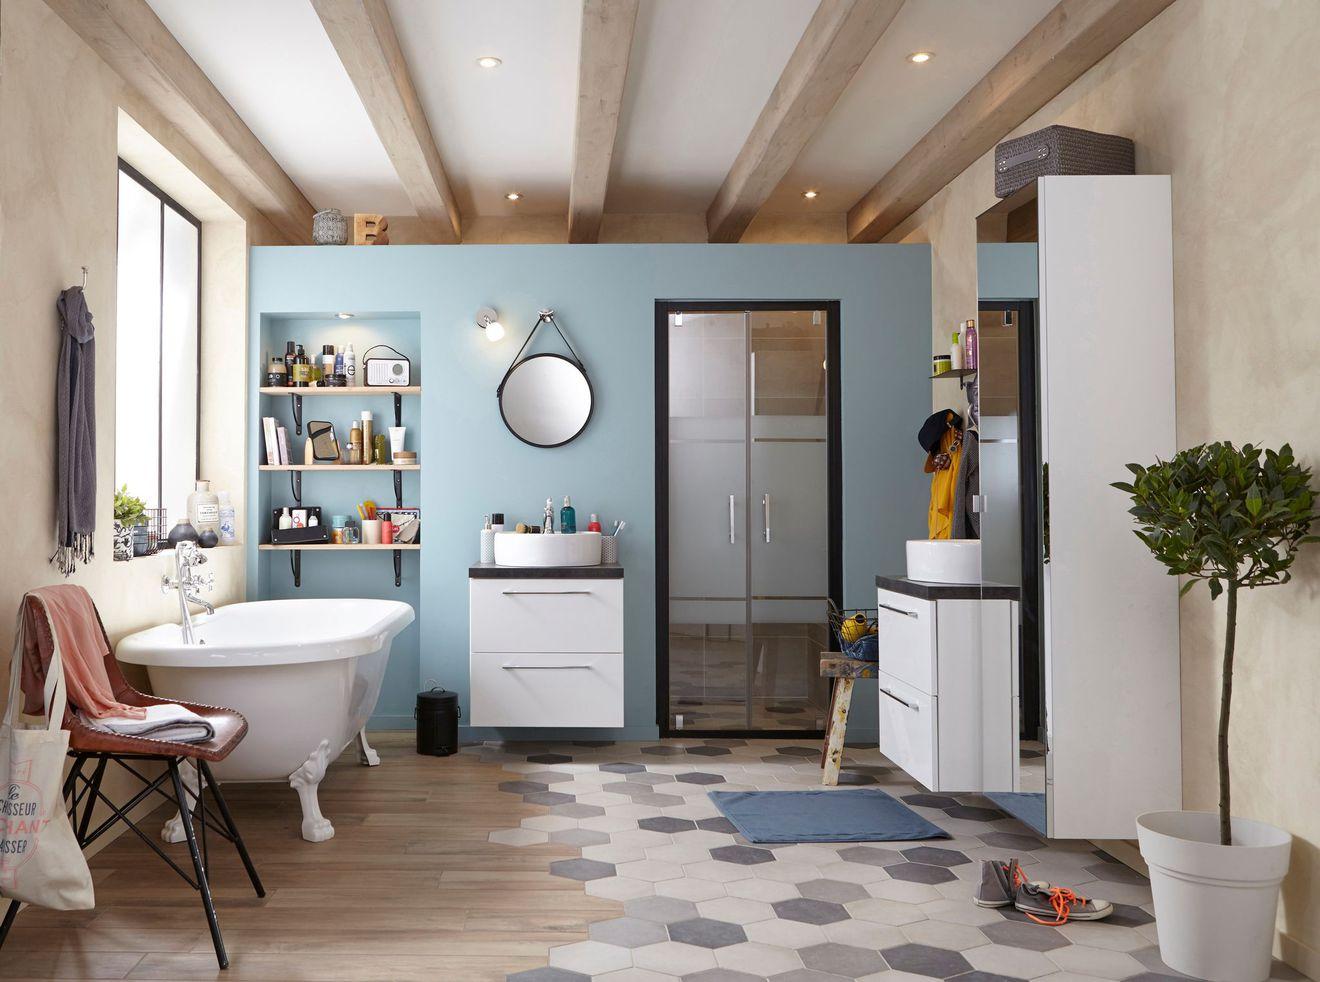 Aménager sa salle de bain façon rétro | Plans Pluriel